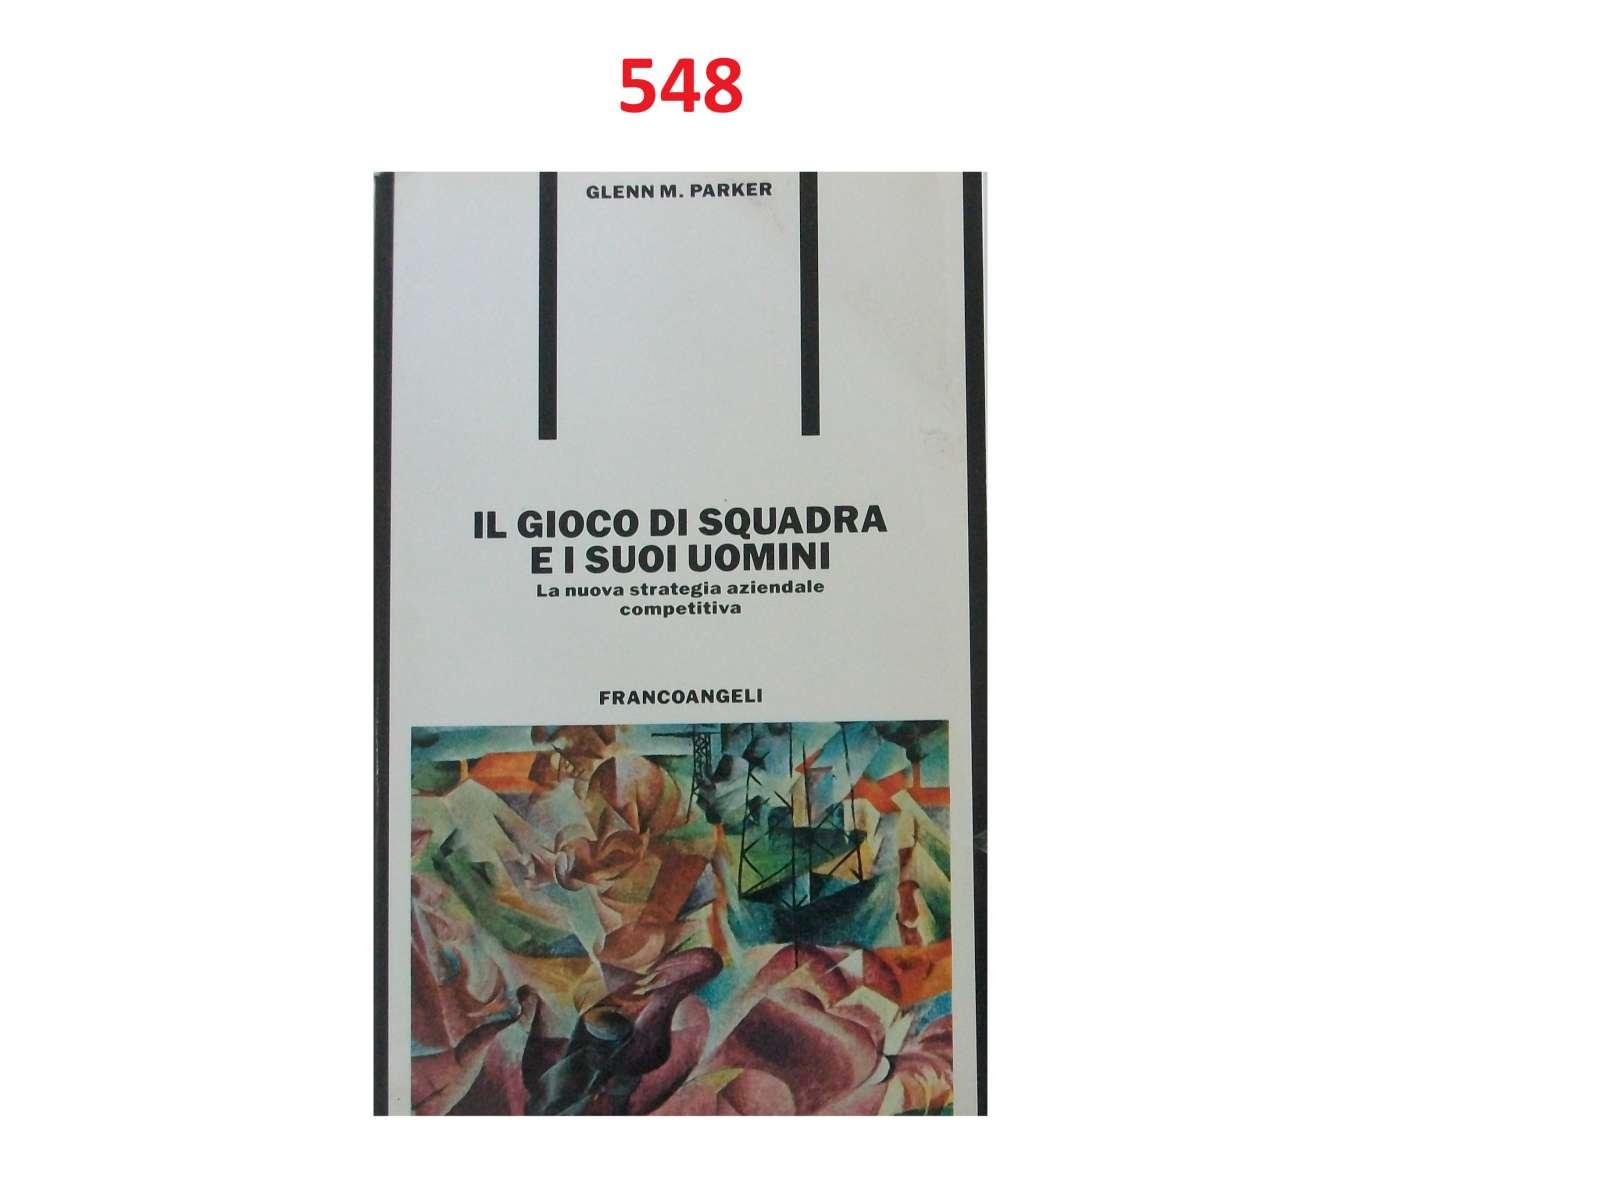 0524-imgp5286